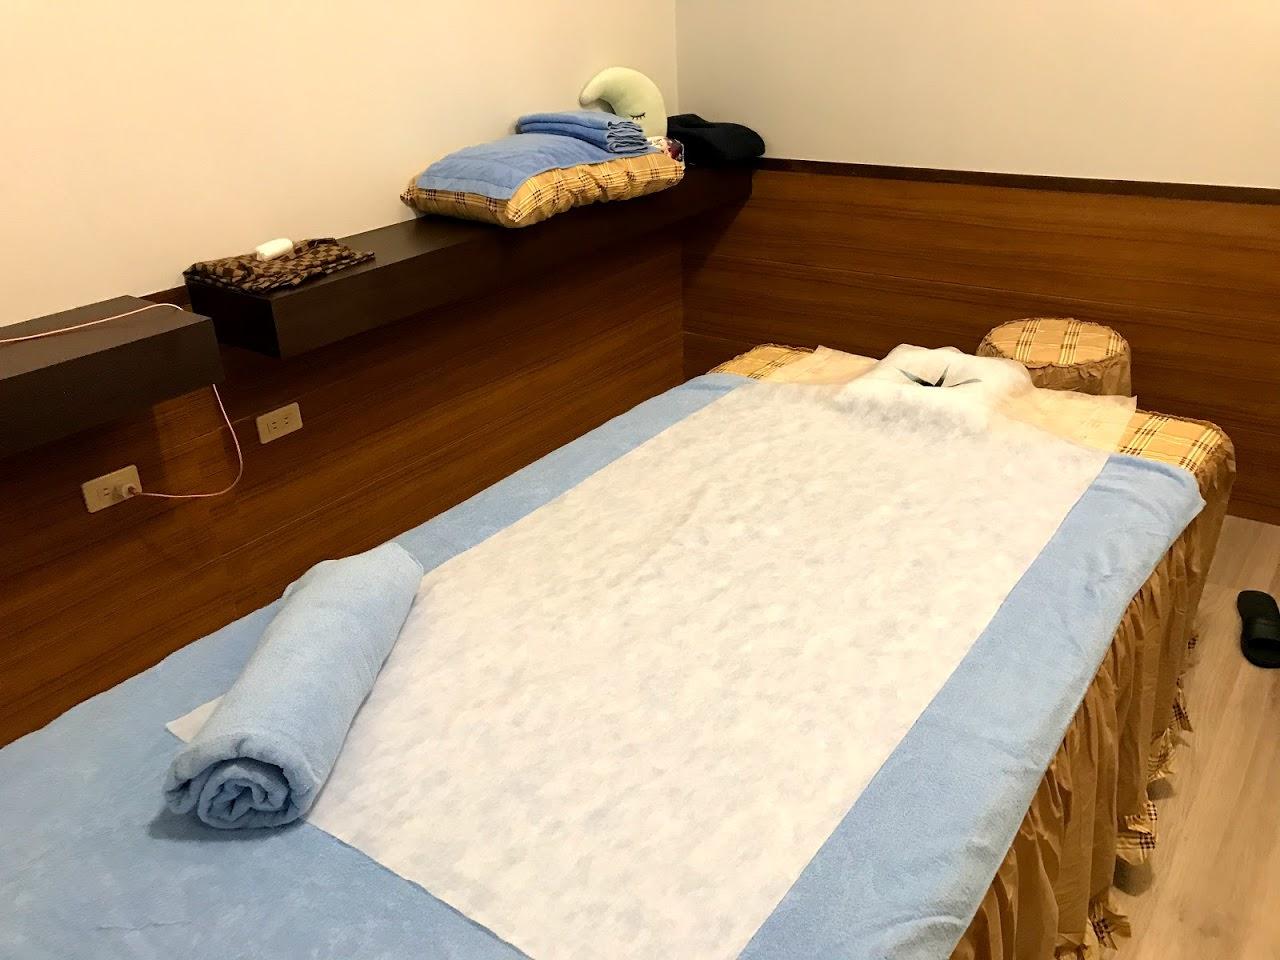 【台南|永康】悅榕莊園會館|專業的按摩技法與讓人放鬆的環境|可愛店貓|岩盤浴推薦|台南按摩推薦